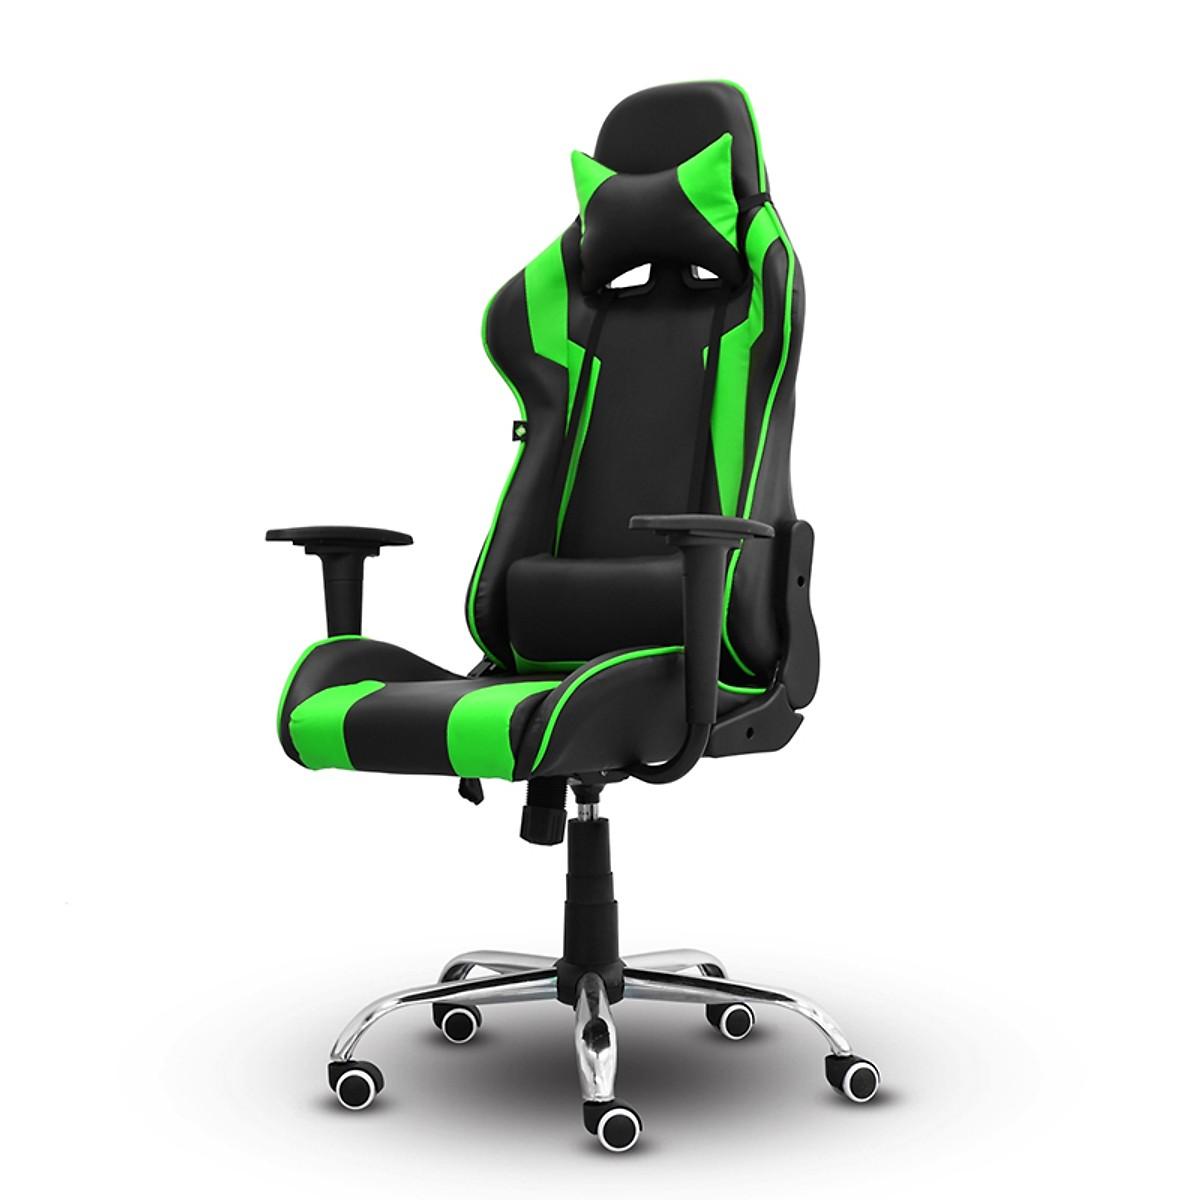 Kinh nghiệm chọn mua ghế chơi game tốt nhất cho game thủ 1